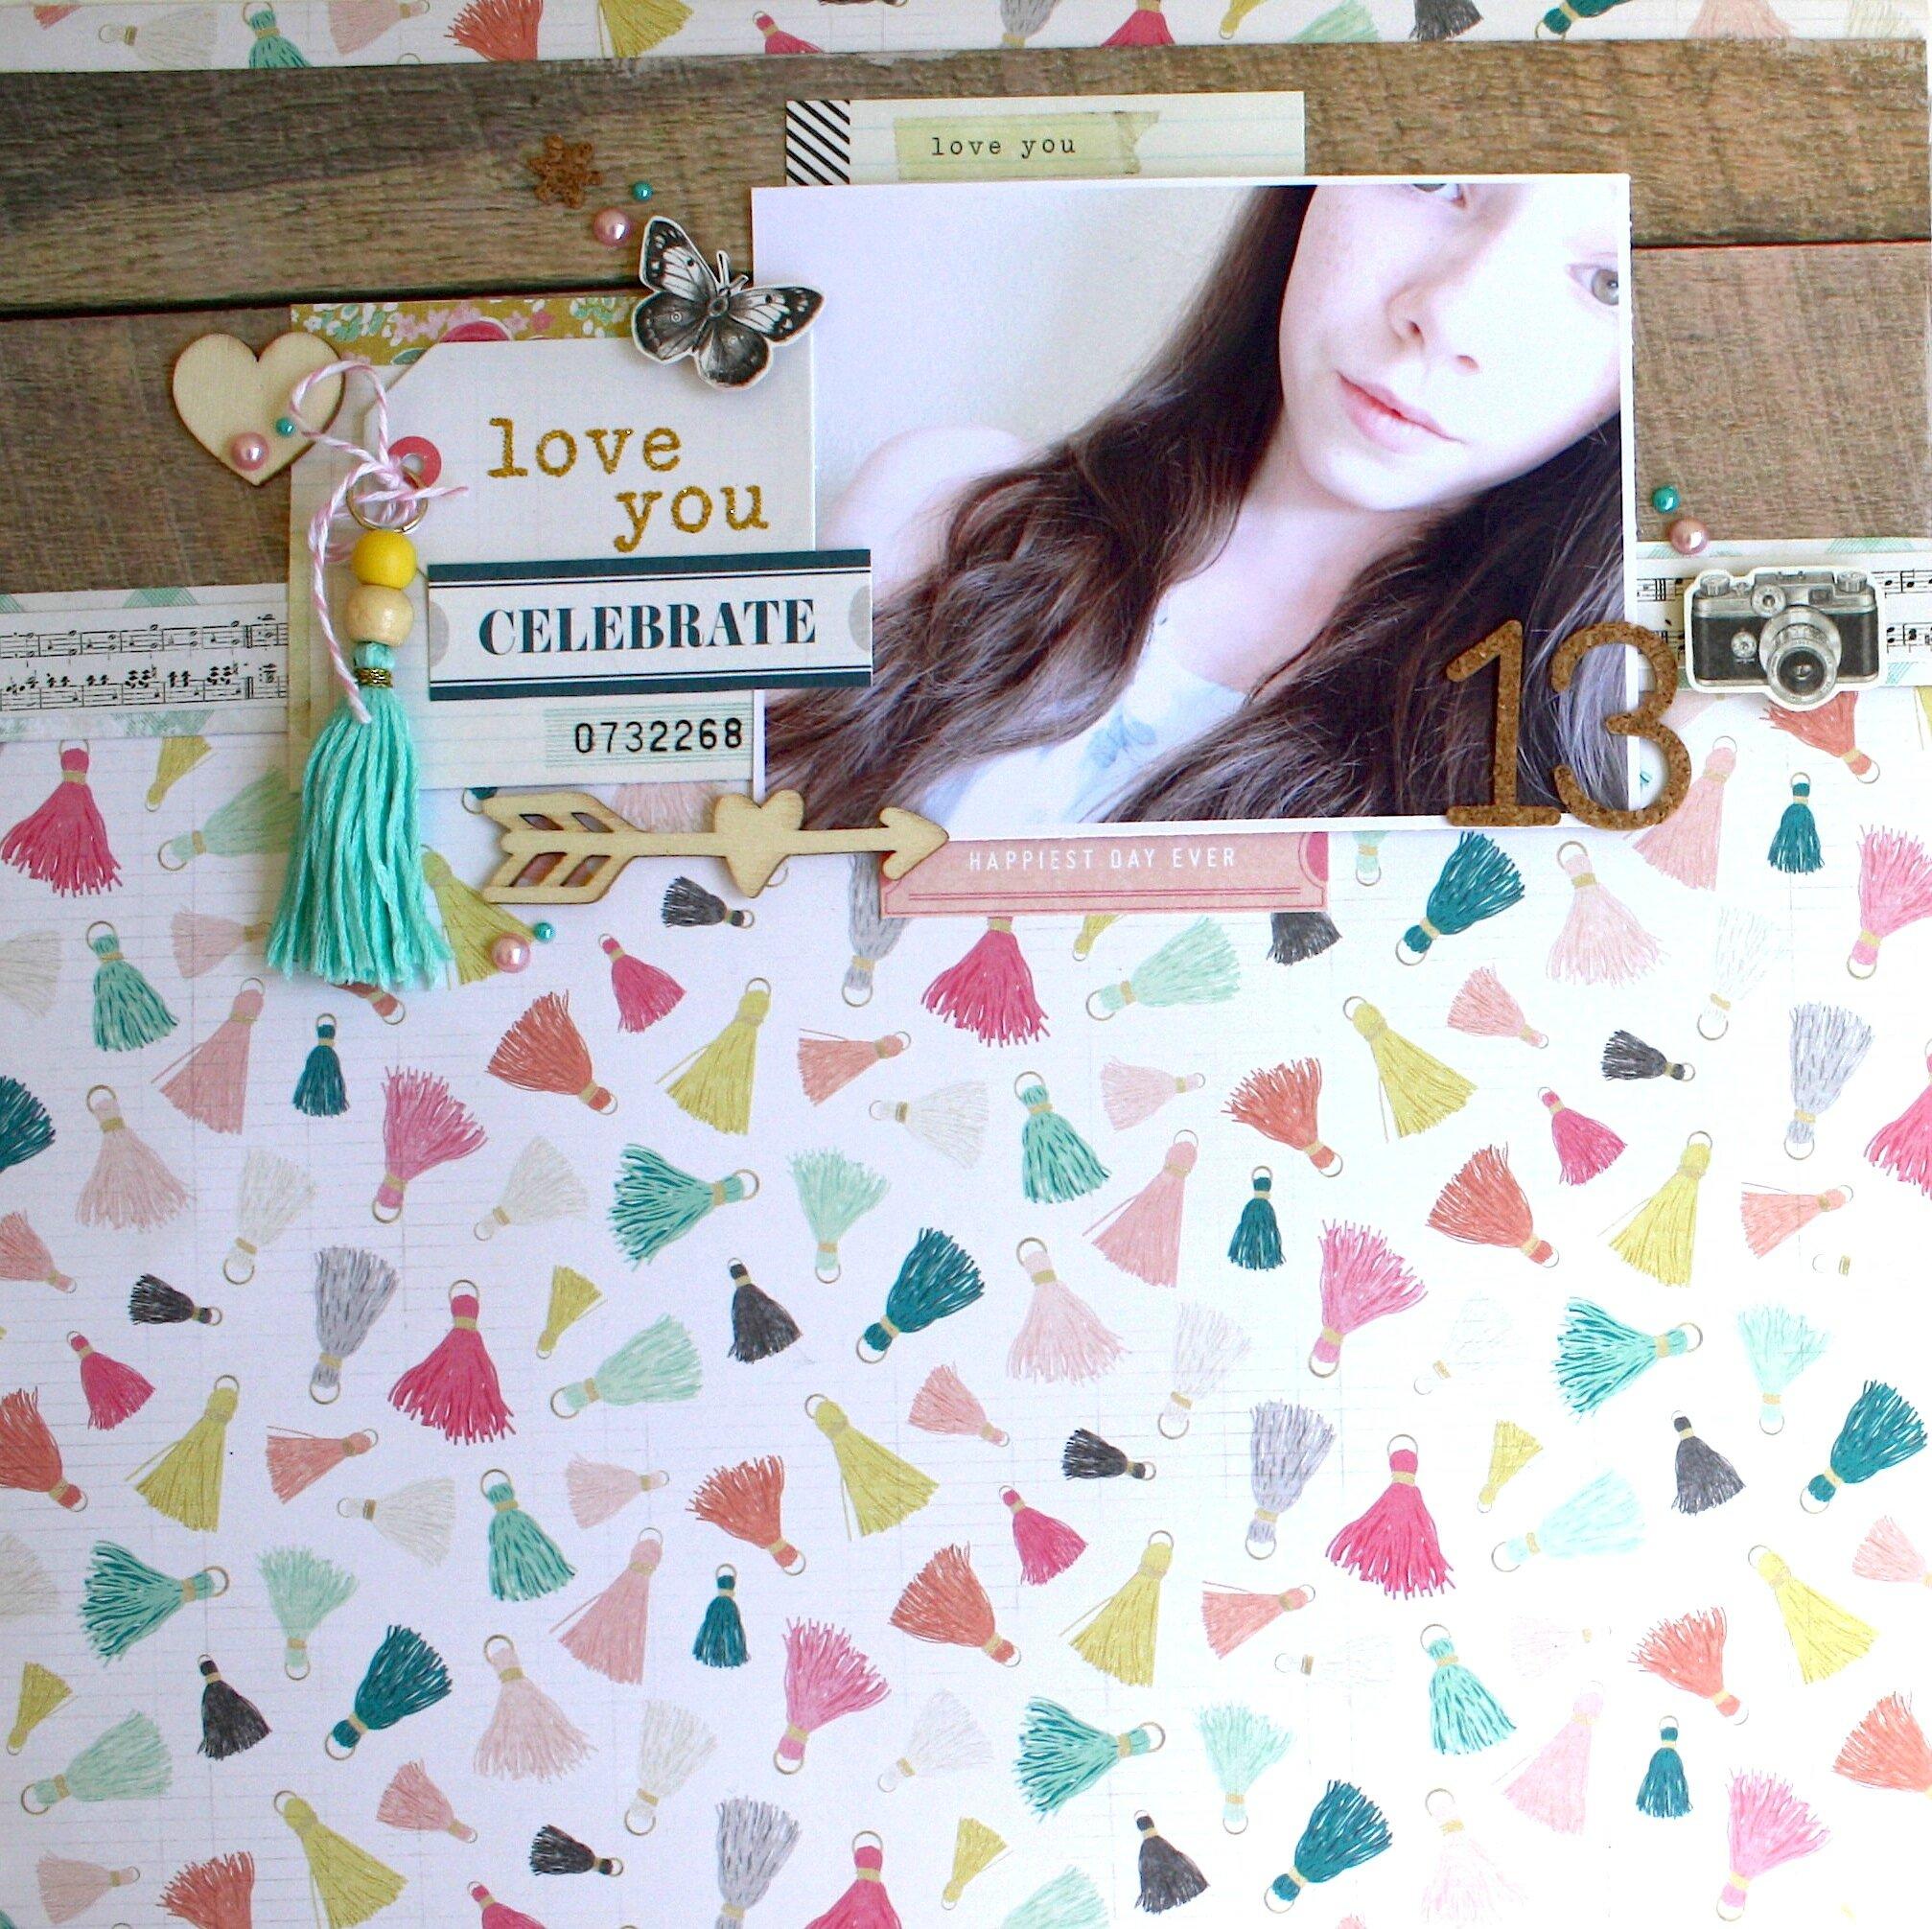 Le blog de Sonia  Un blog dédié à ma passion du scrapbooking, du mixed